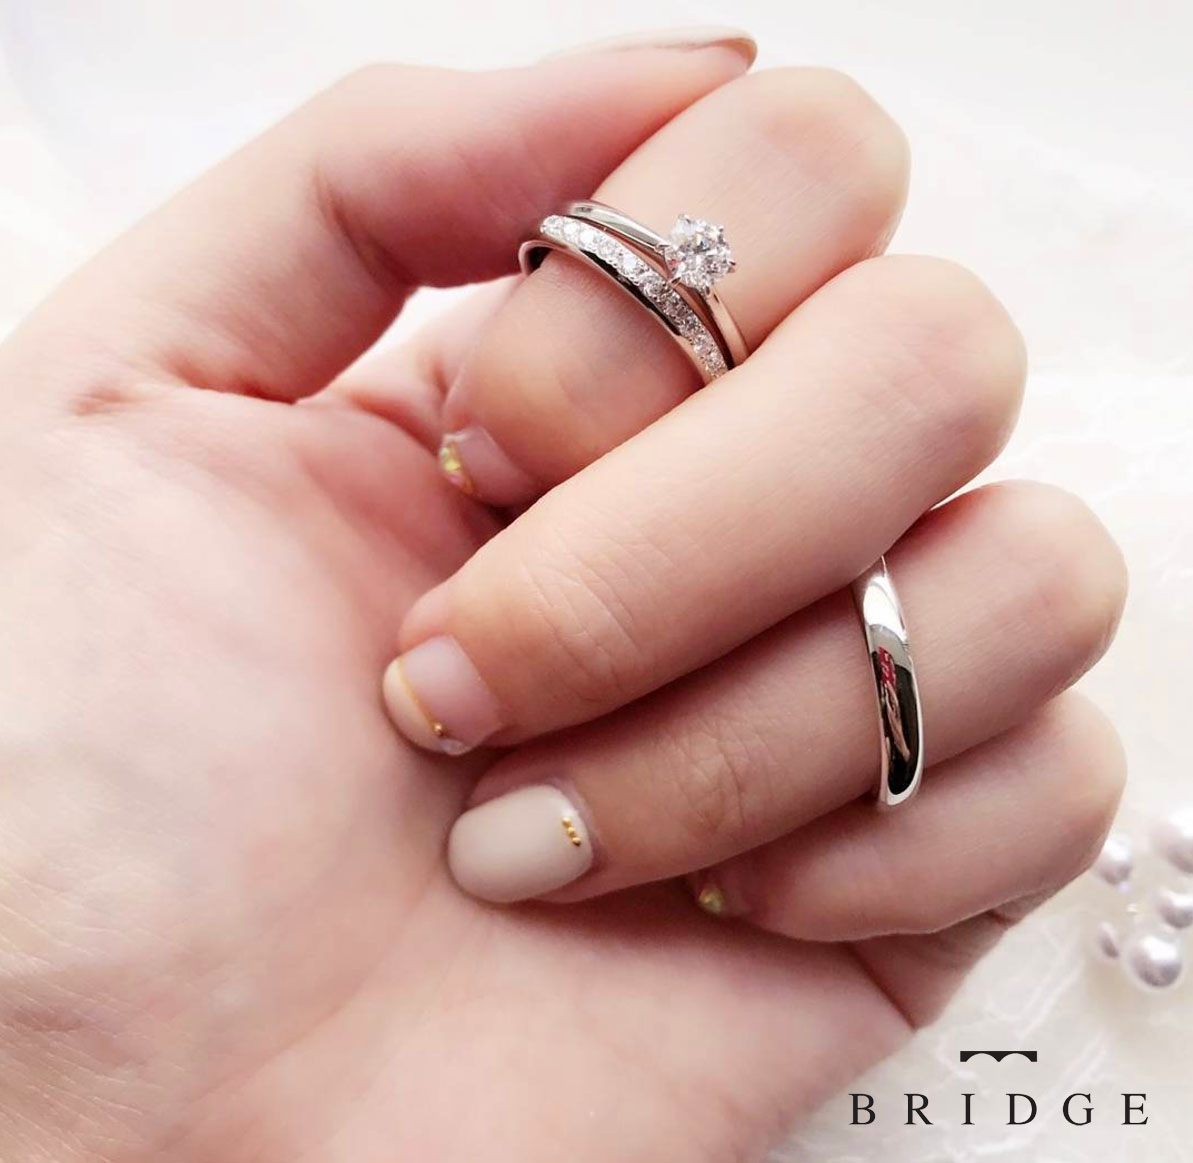 シンプルでエレガントで大人可愛いデザインの結婚指輪・婚約指輪です。重ね付けもキレイです。